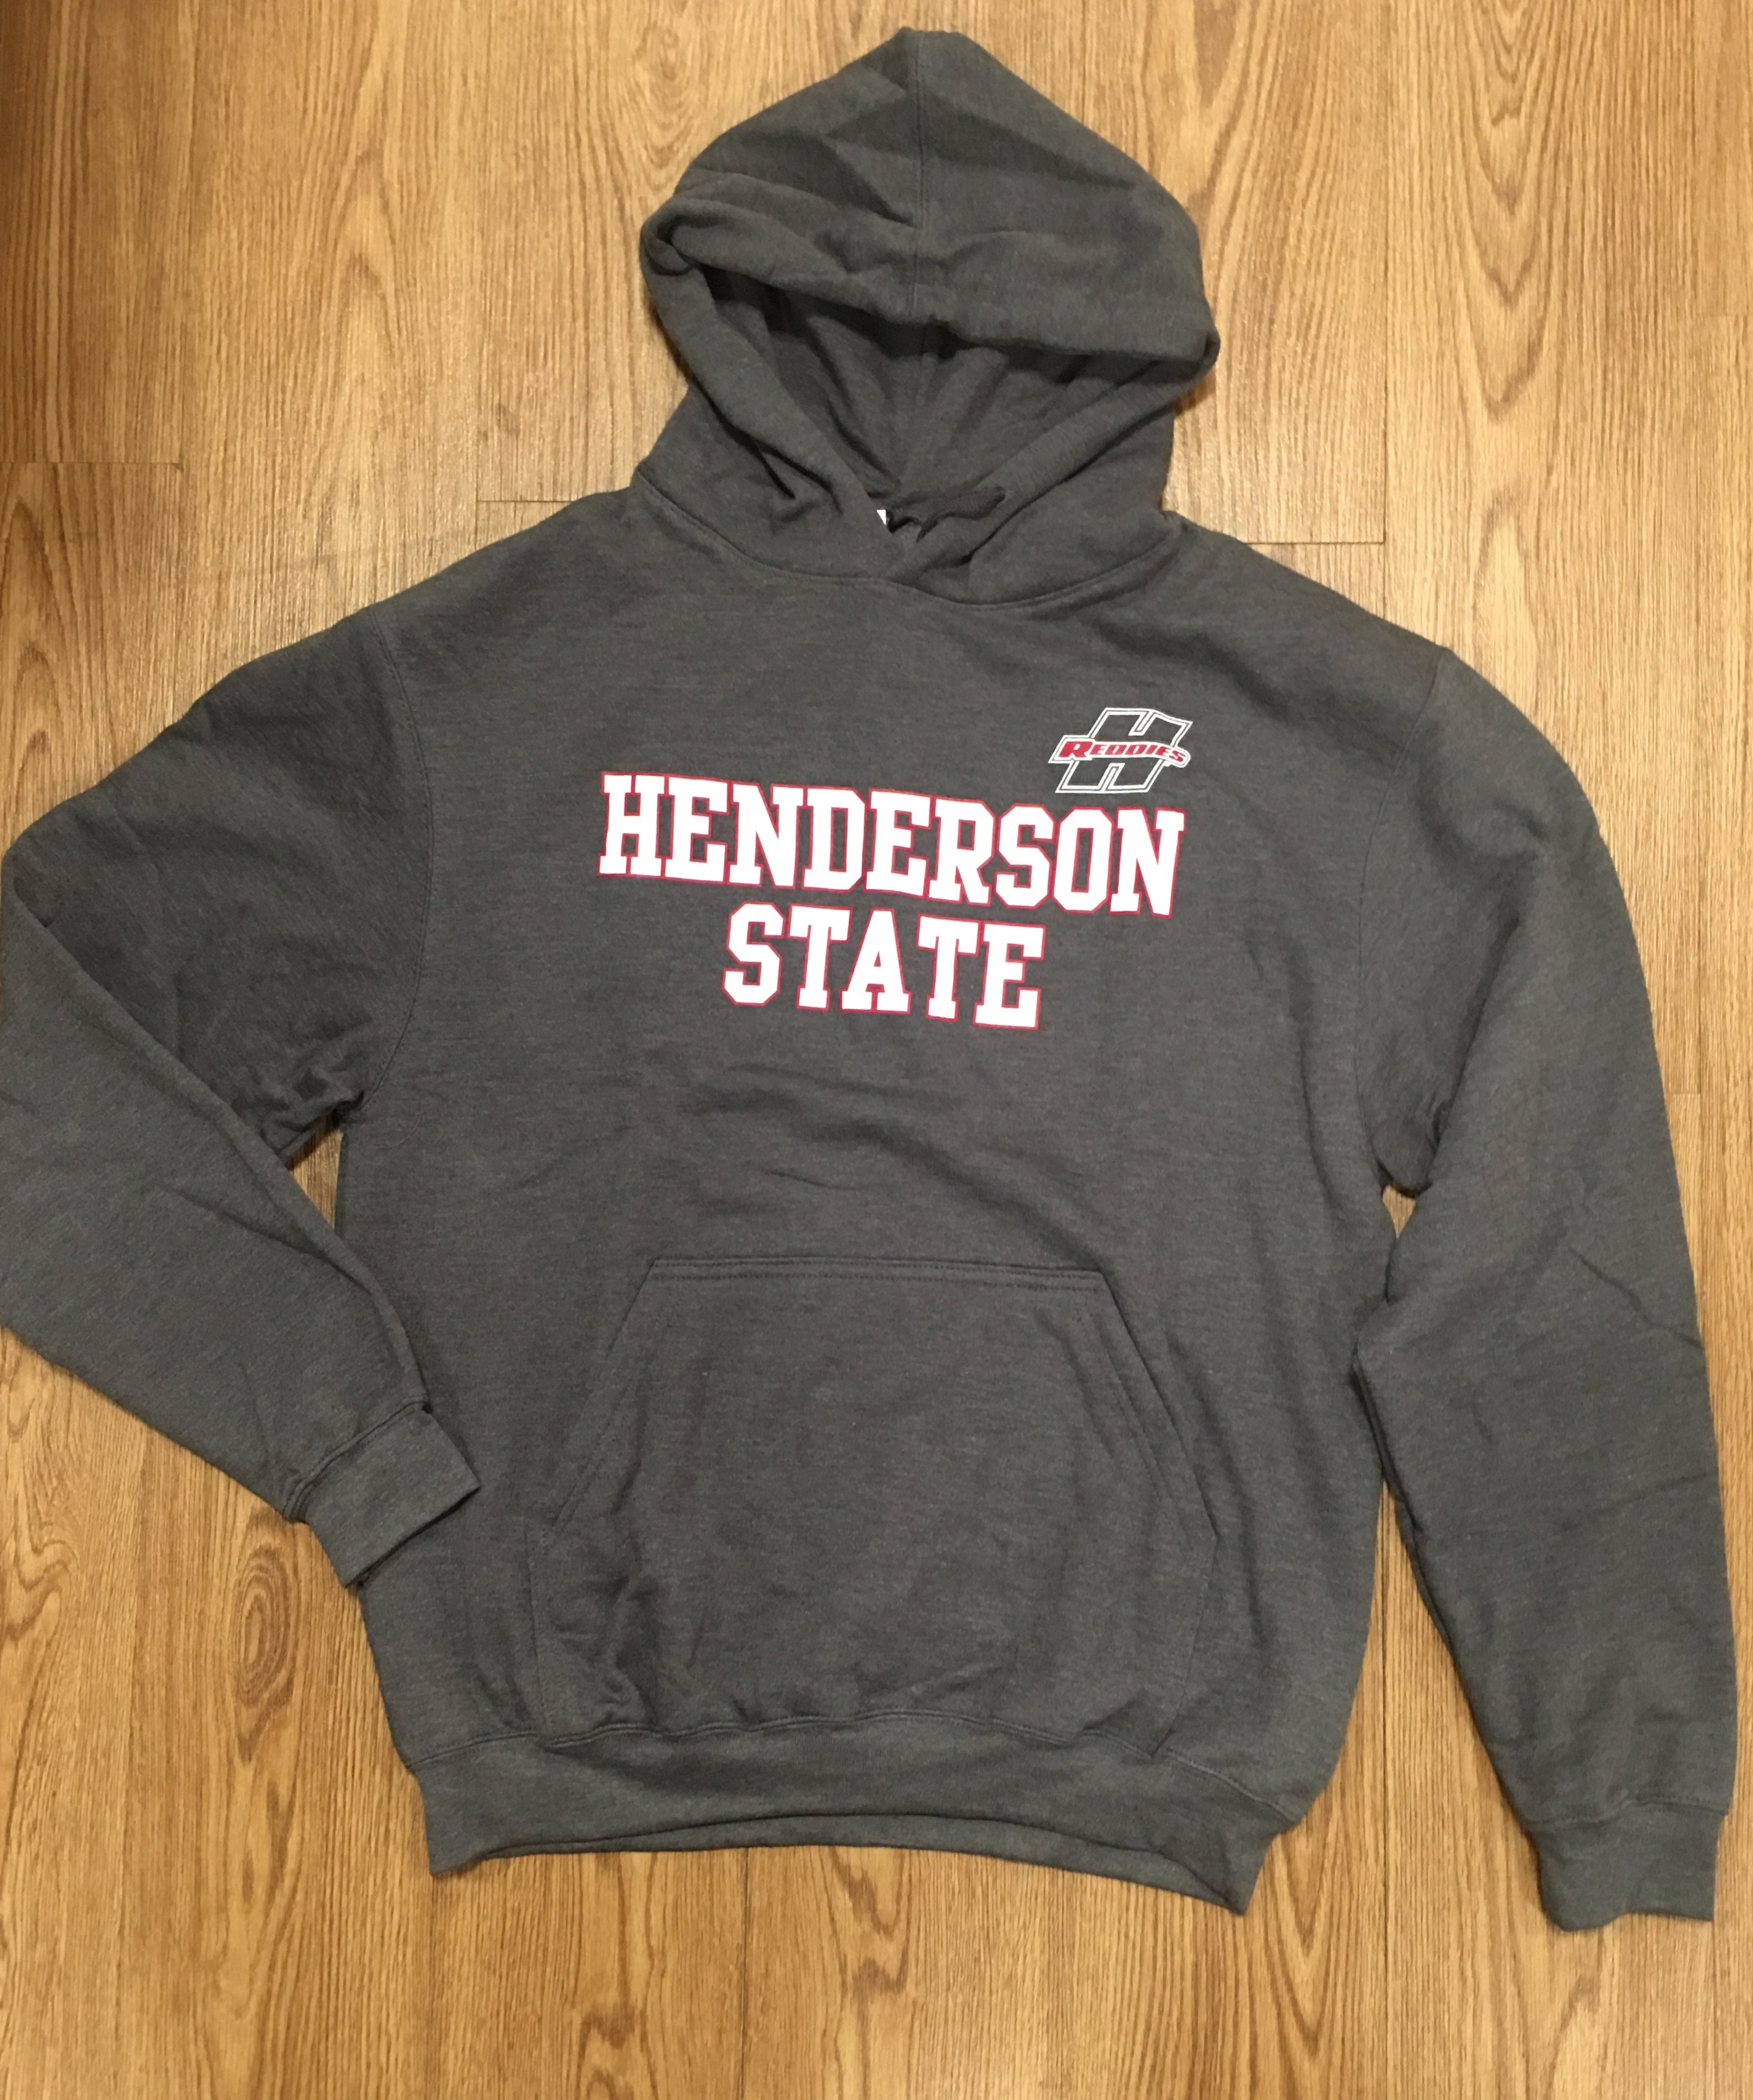 Henderson State Hoodie